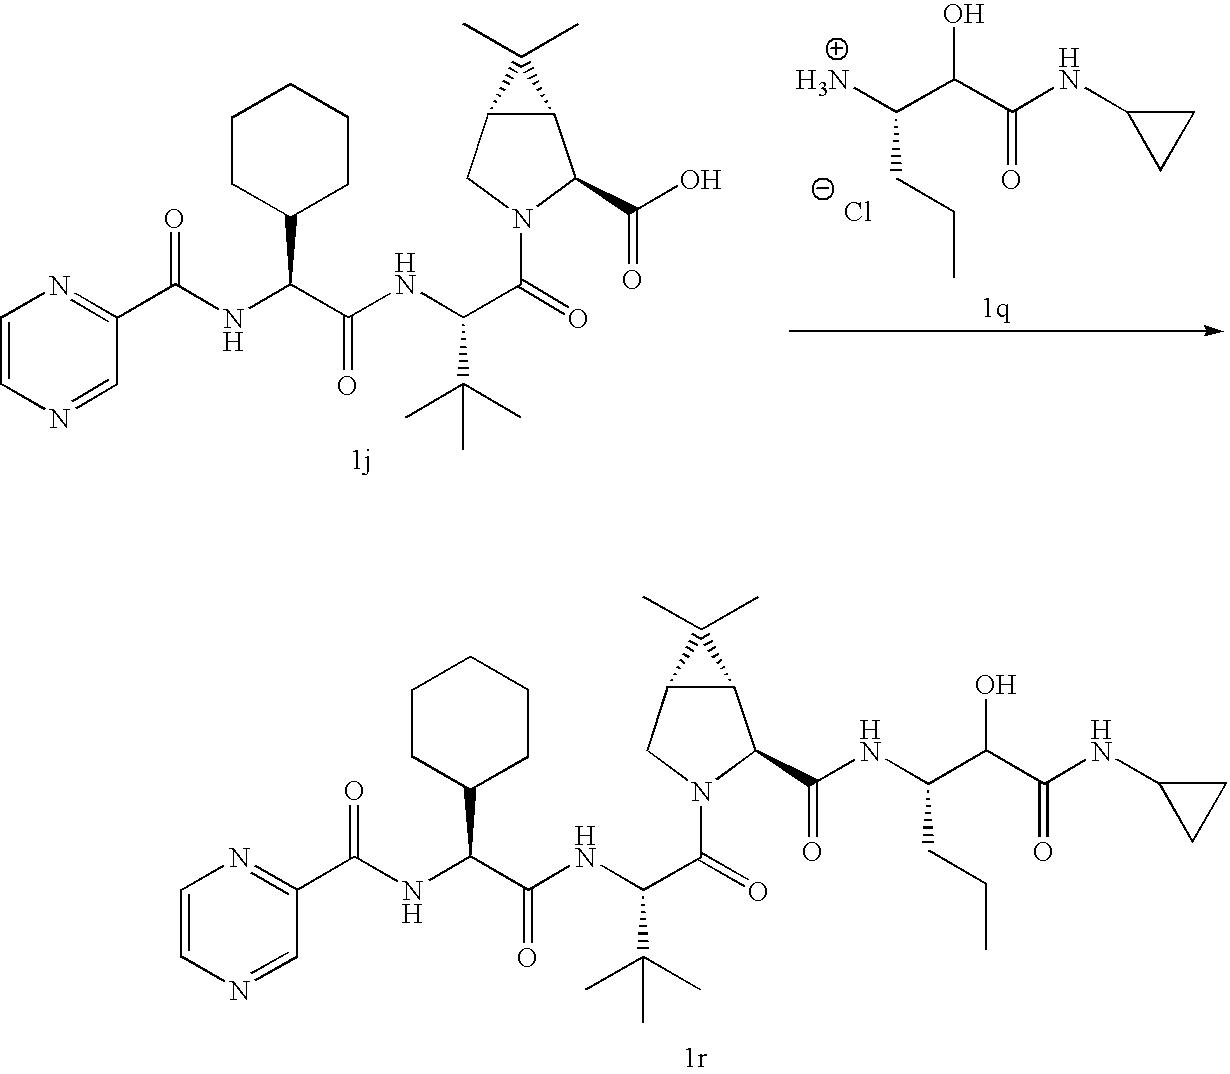 Figure US20060276404A1-20061207-C00128